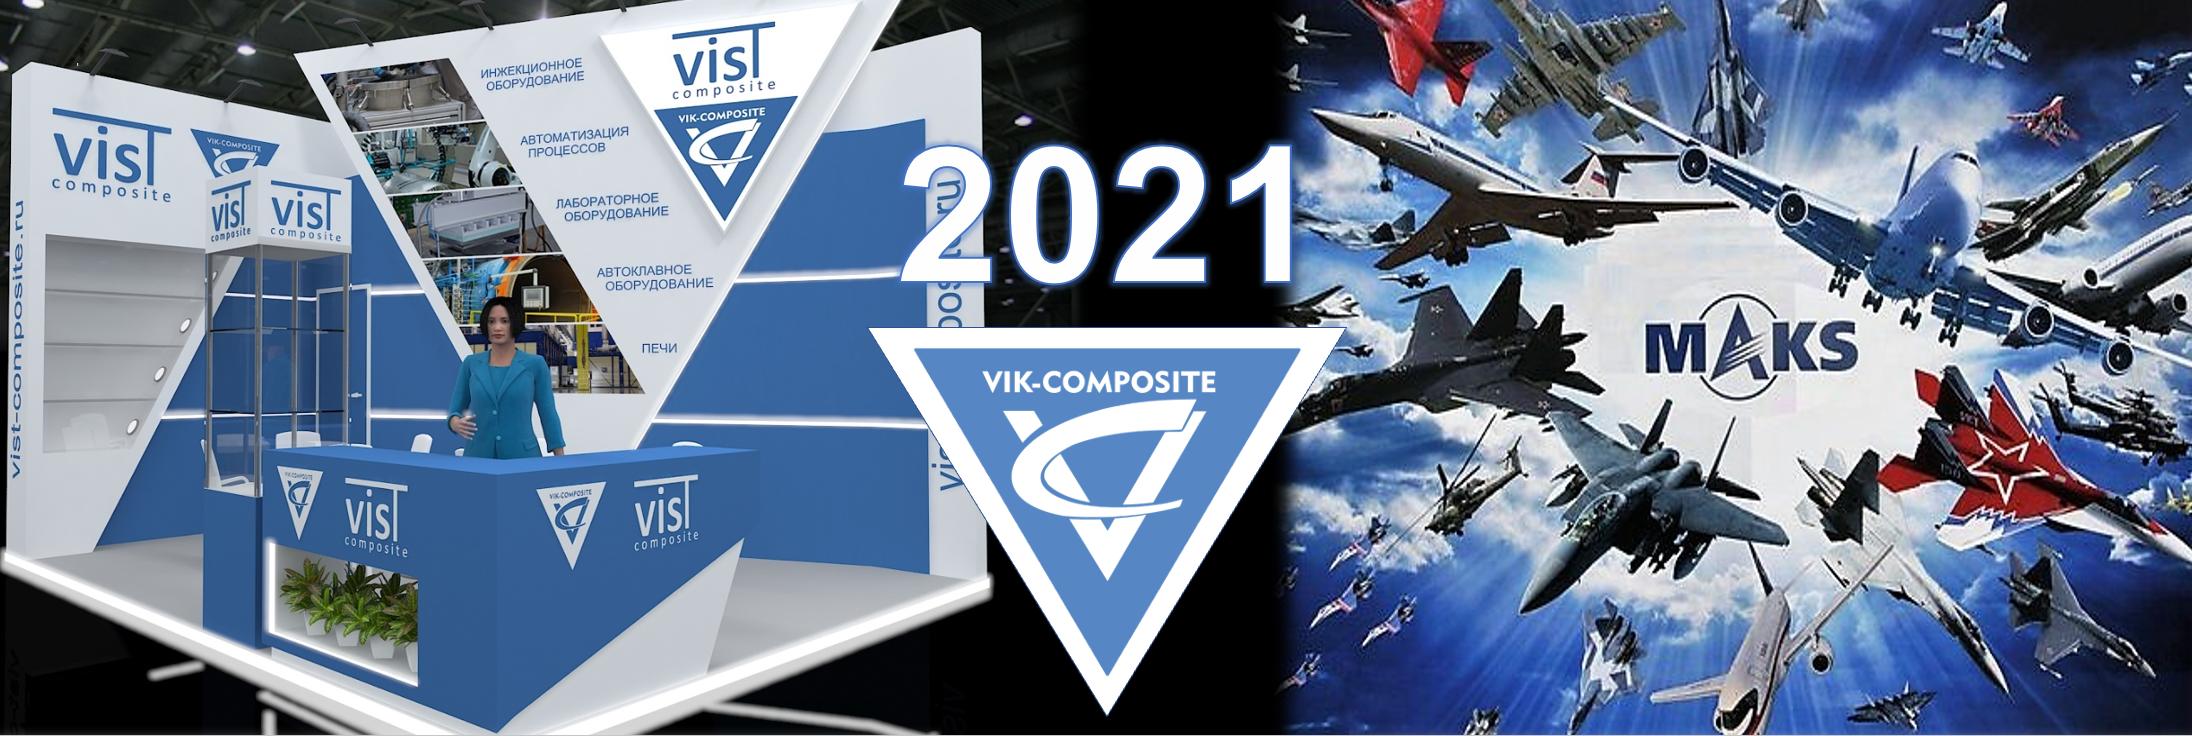 MAKS-2021